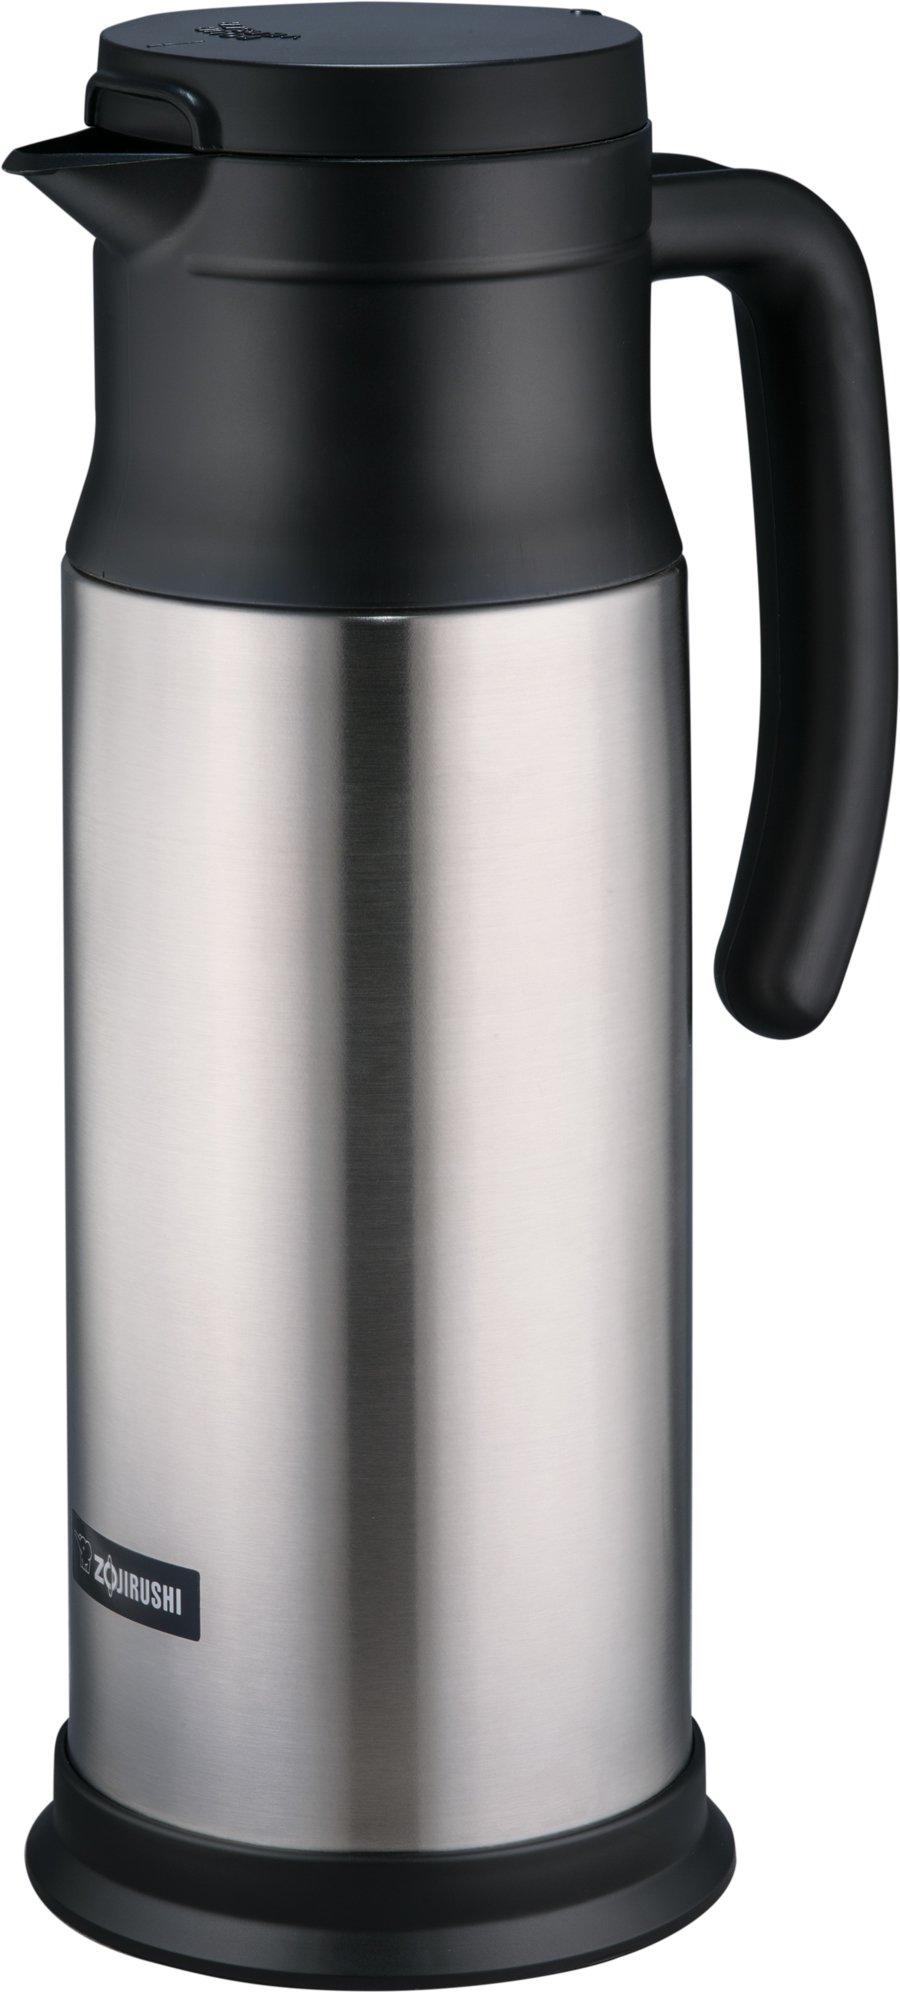 Zojirushi SH-MAE10 Stainless Vacuum Creamer/Dairy Server, Stainless